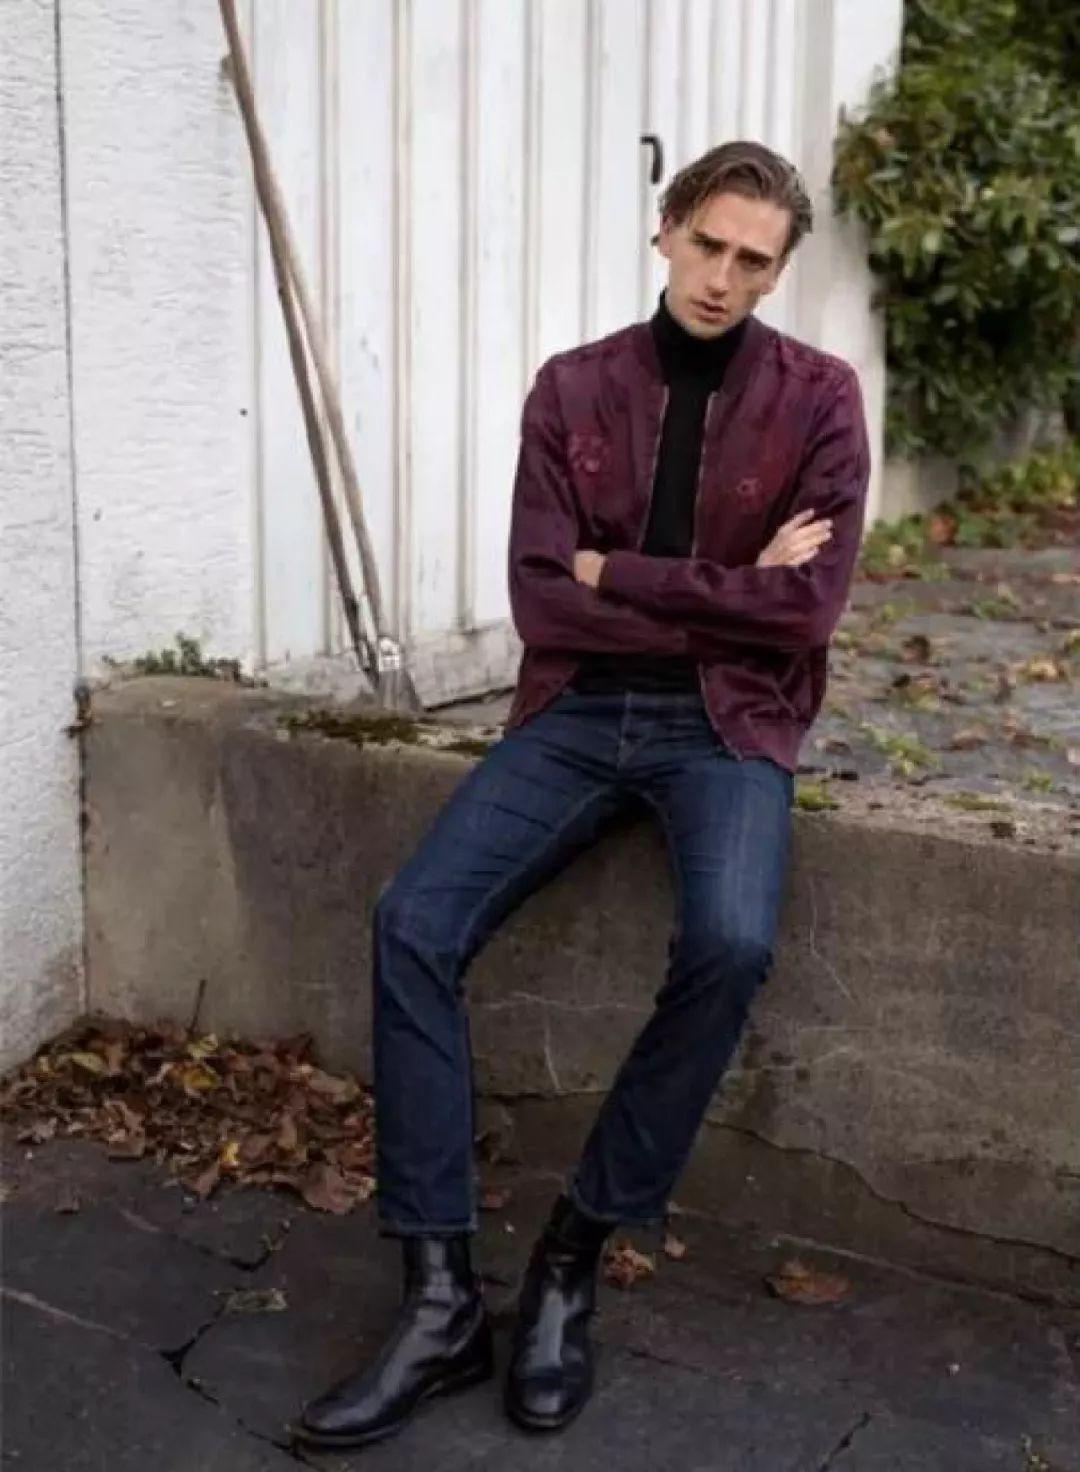 和大家讨论下秋冬男鞋搭配吧,一起玩转冬季时尚 切尔西靴作为服装界